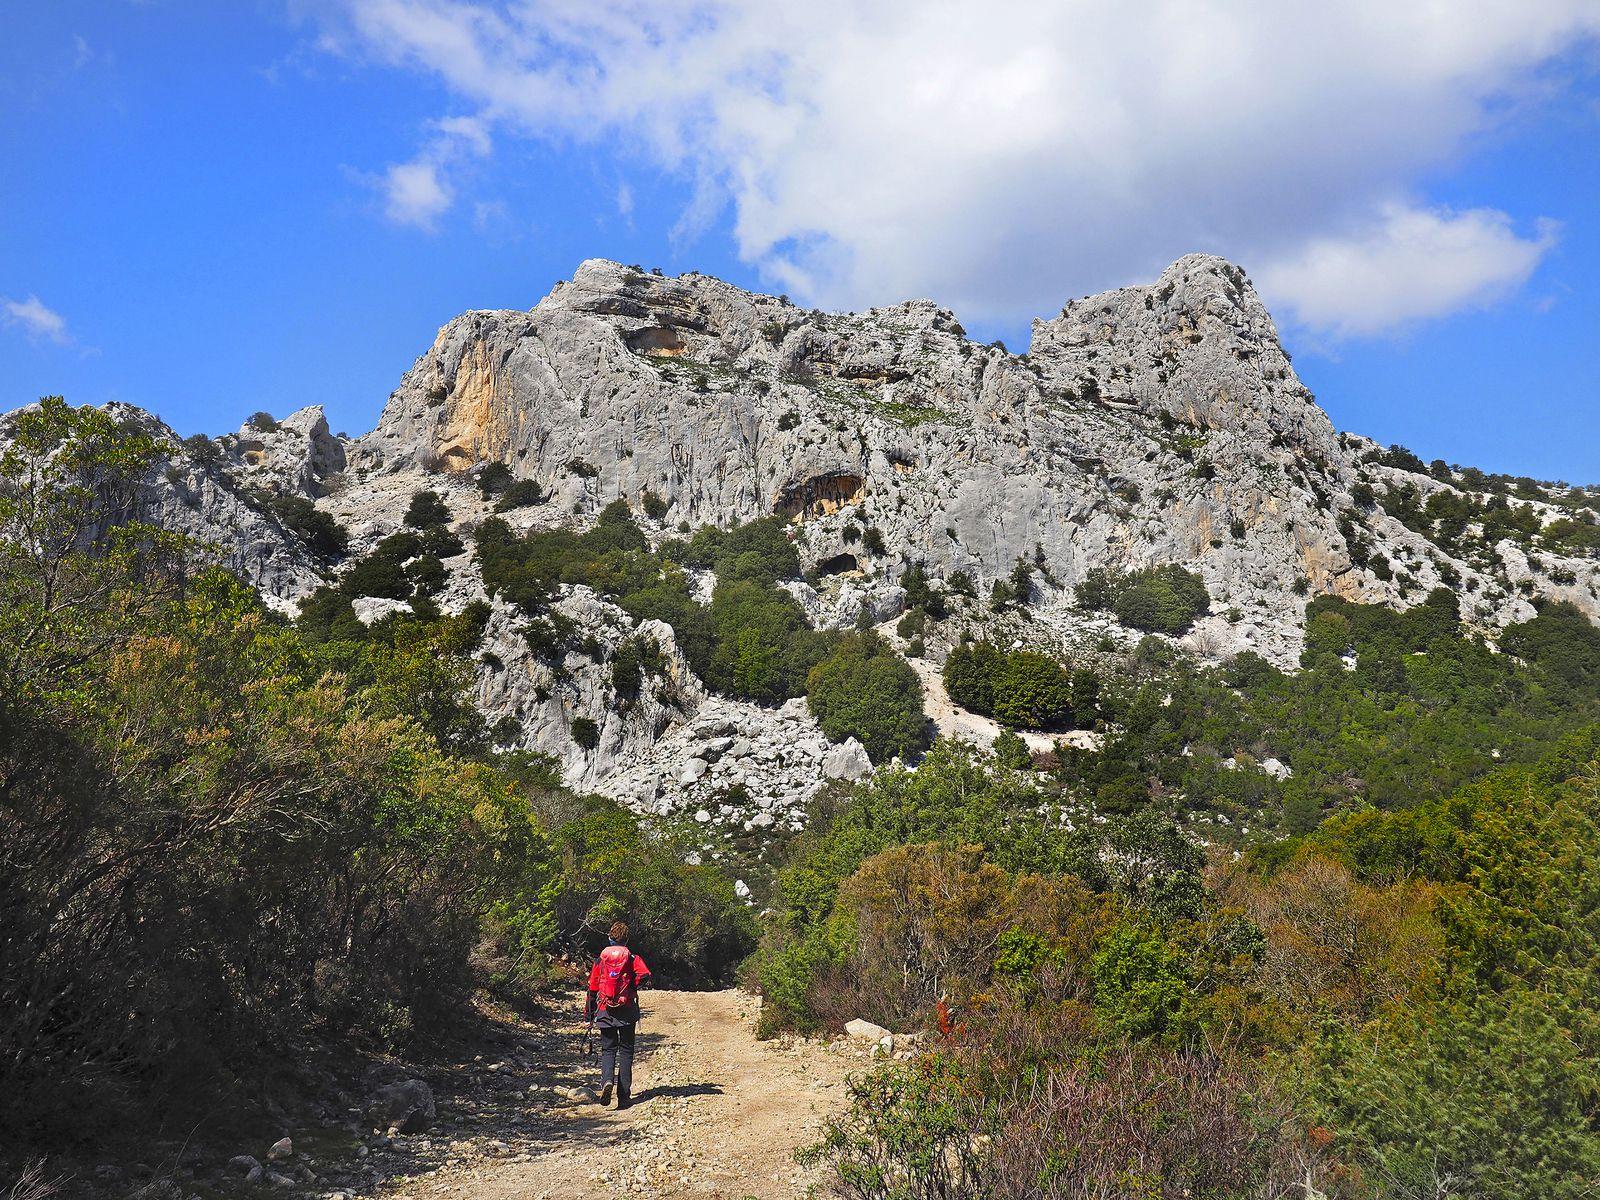 Plus haut sur les plateaux des Supramonte de Baunei, la serra Oselli et ses espaces sauvages (euphémisme).